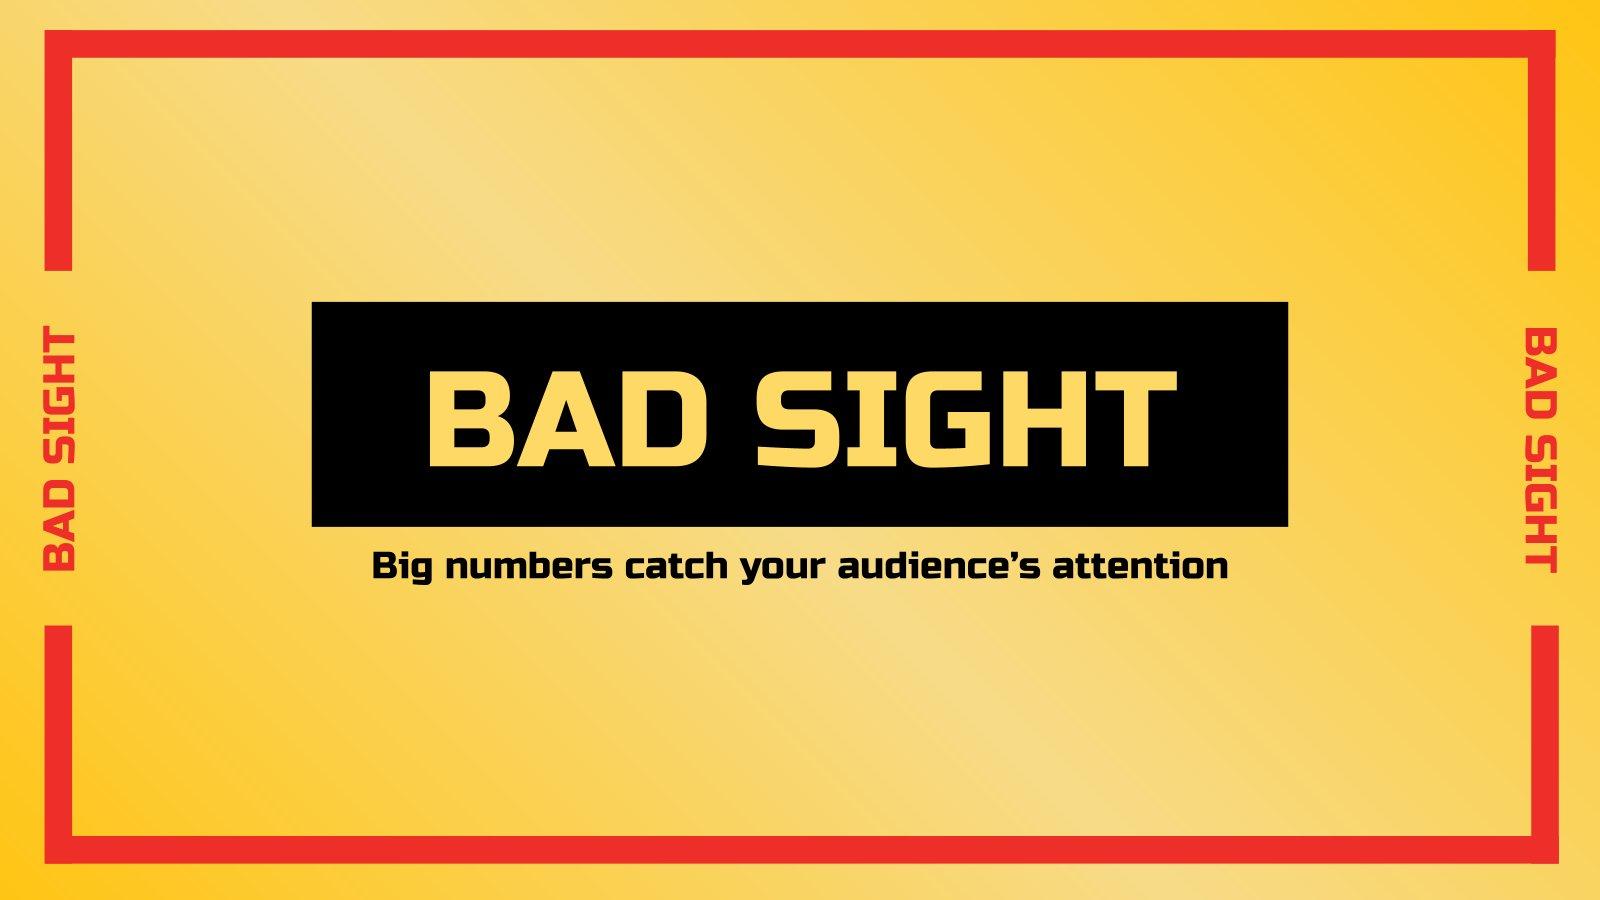 Modelo de apresentação Testes de má visão